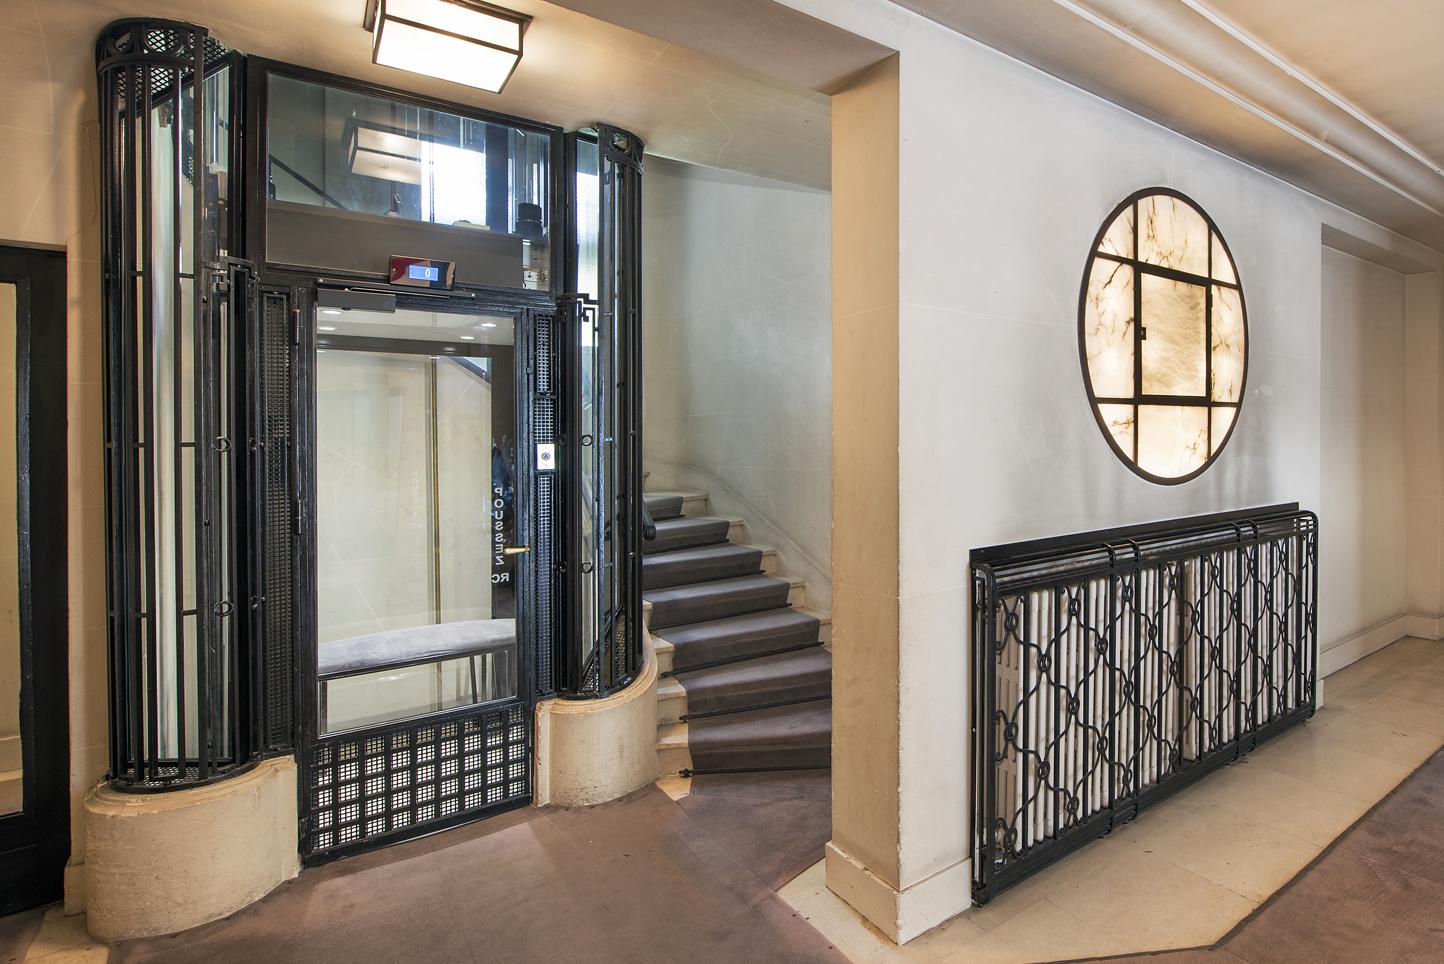 portes-ascenseurs-accessibilite